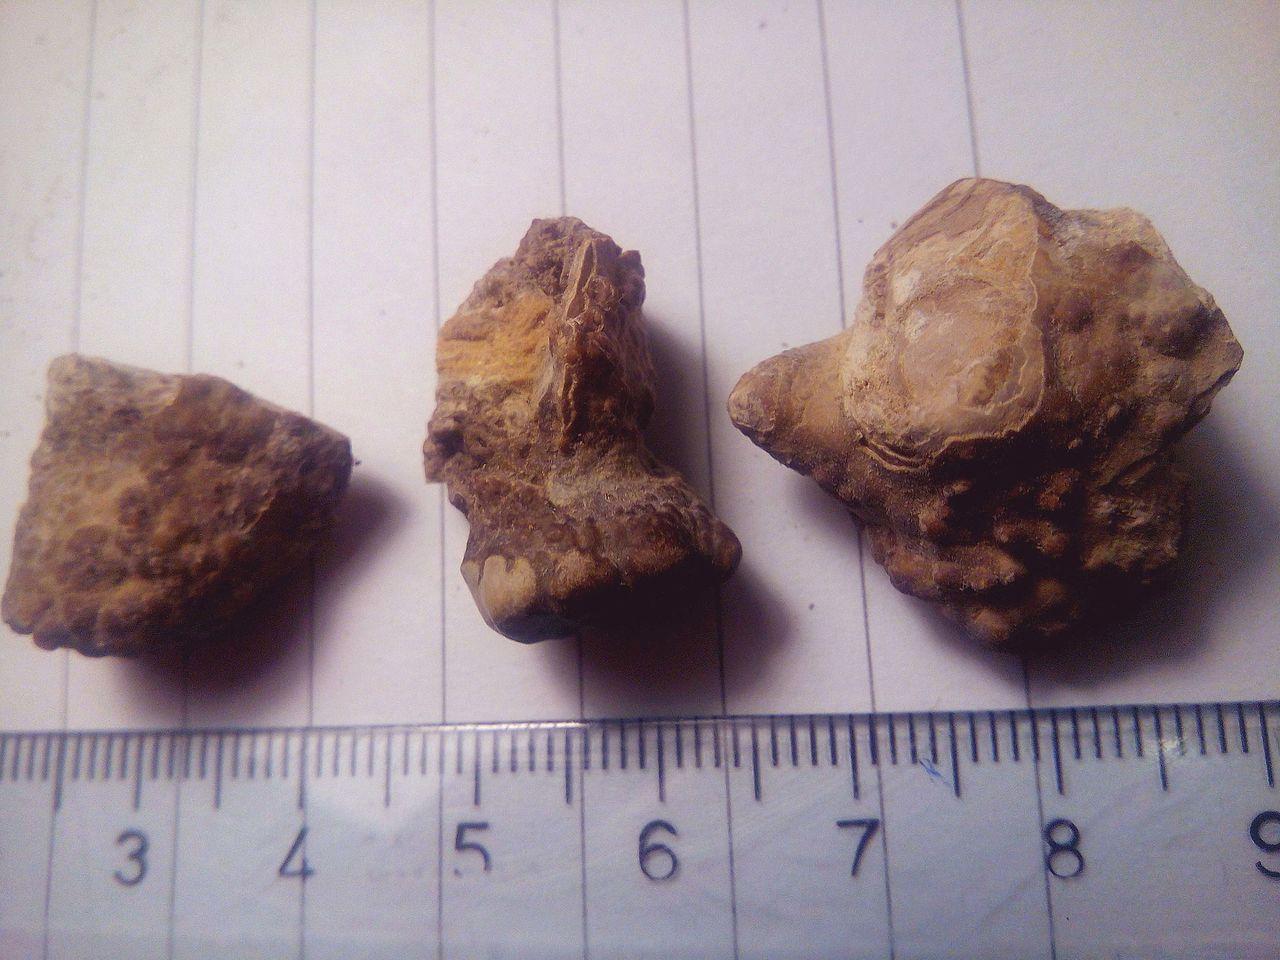 File Kidney Stones   Renal Calculi     U0411 U0443 U0431 U0440 U0435 U0436 U043d U0438  U043a U0430 U043c U0435 U045a U0430 13